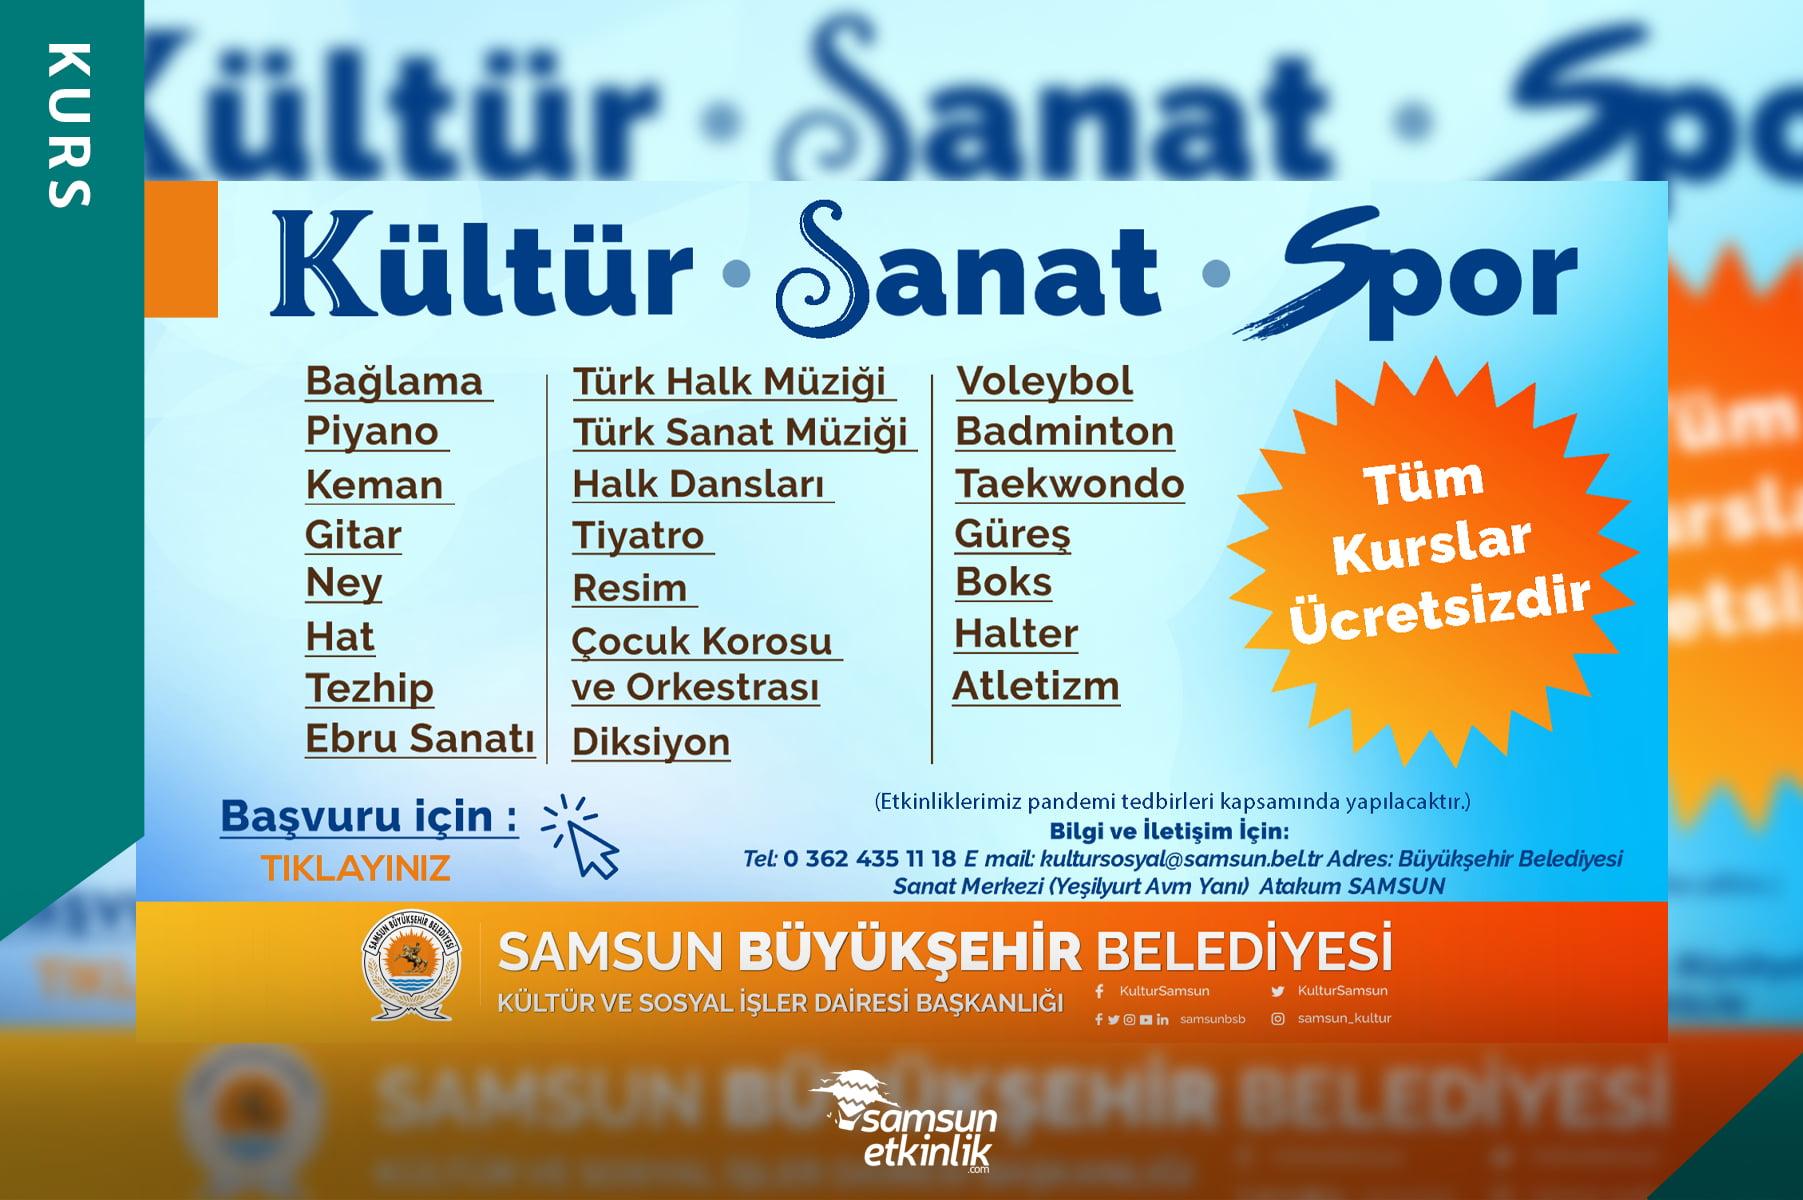 Samsun Büyükşehir Belediyesi Kültür, Sanat ve Spor Kursları